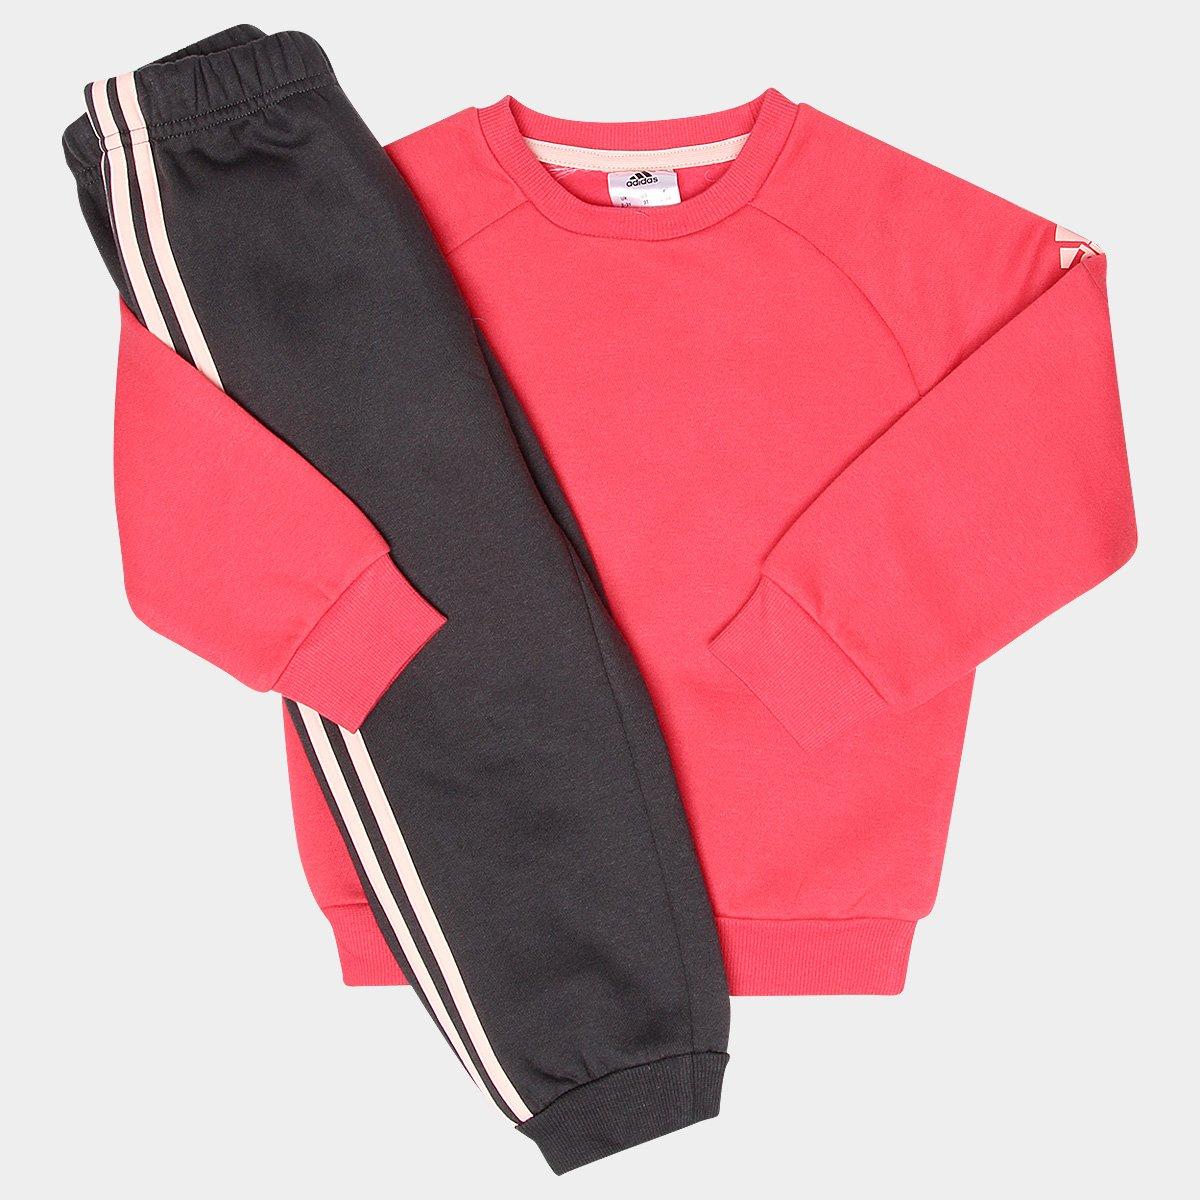 919fabd7b41a4 Conjunto de Moletom Infantil Adidas Baby - Compre Agora